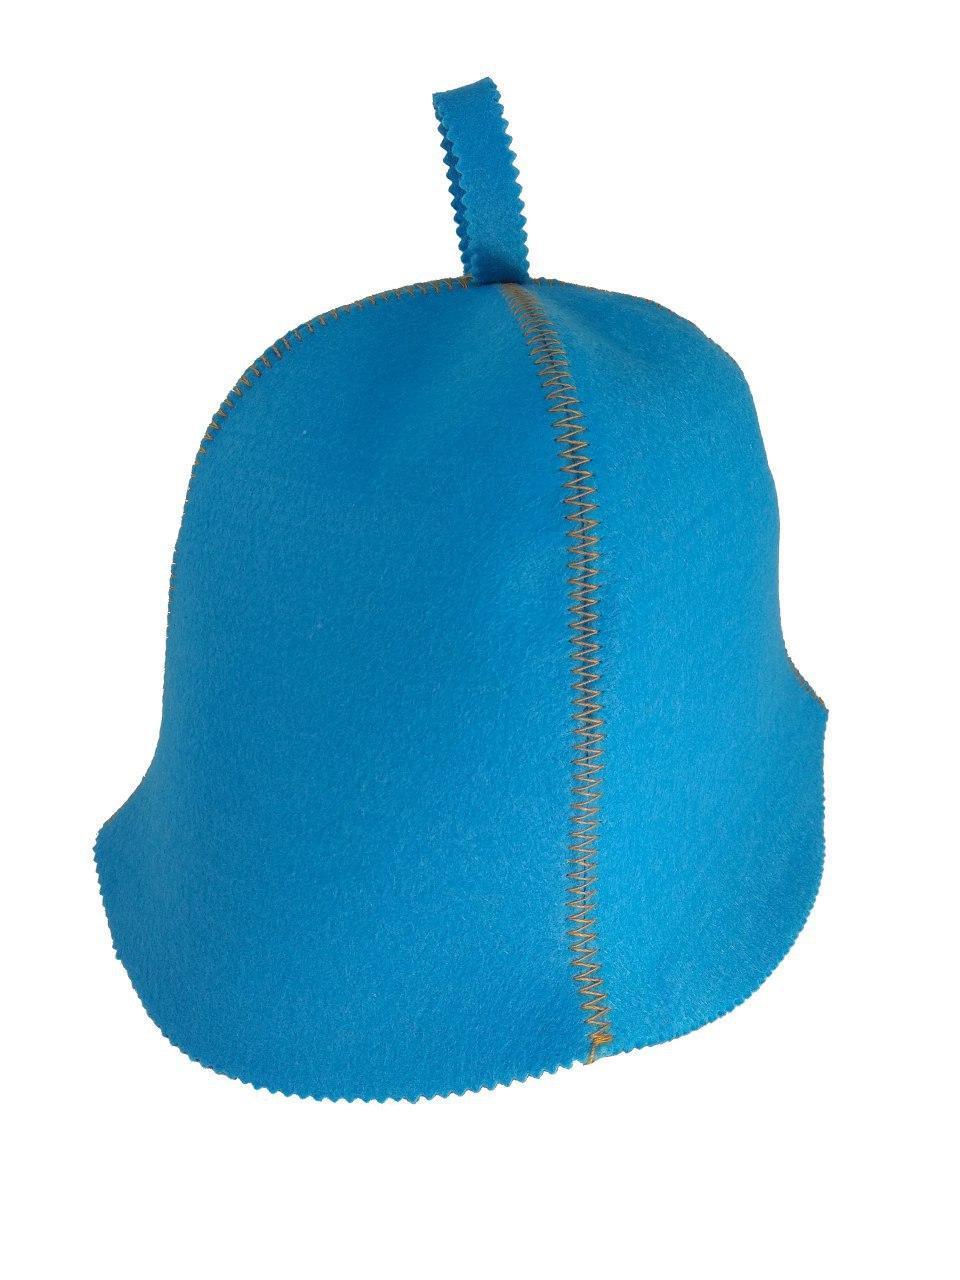 Банная шапка Luxyart искусственный фетр голубой (LС-409)